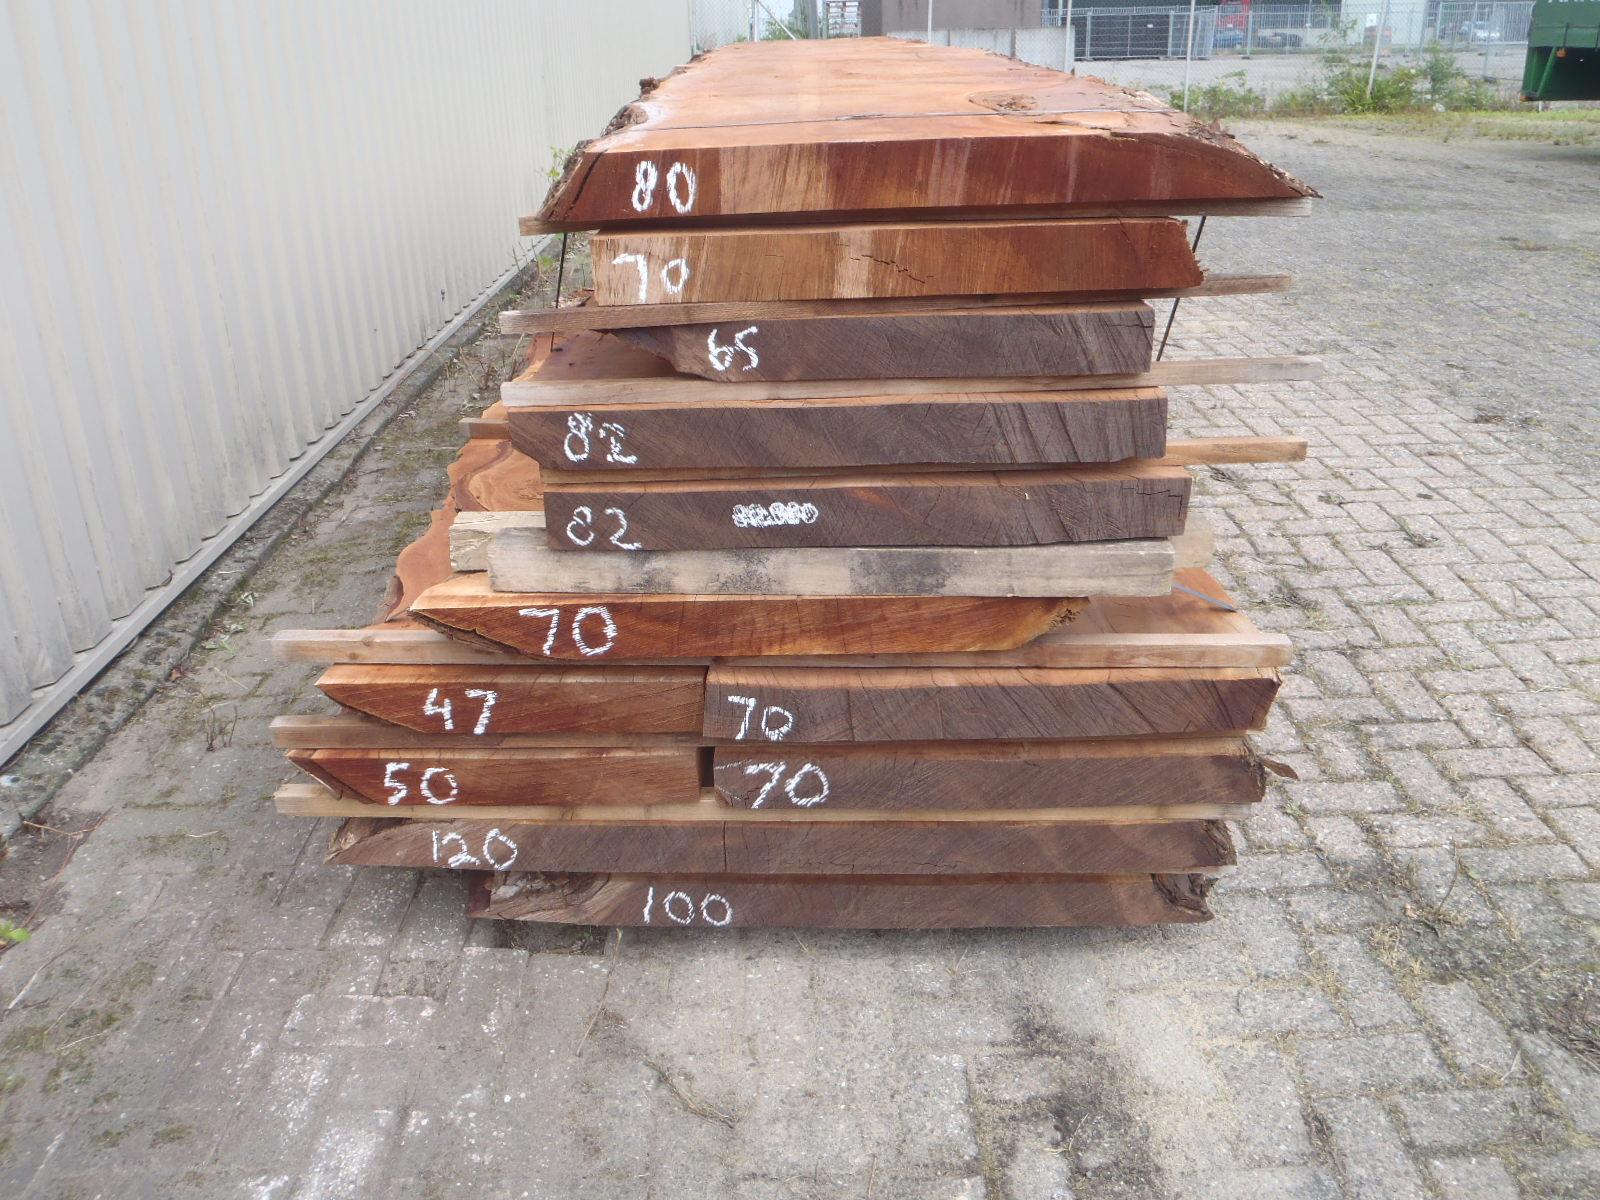 Stamdeel planken tbv massieve tafels